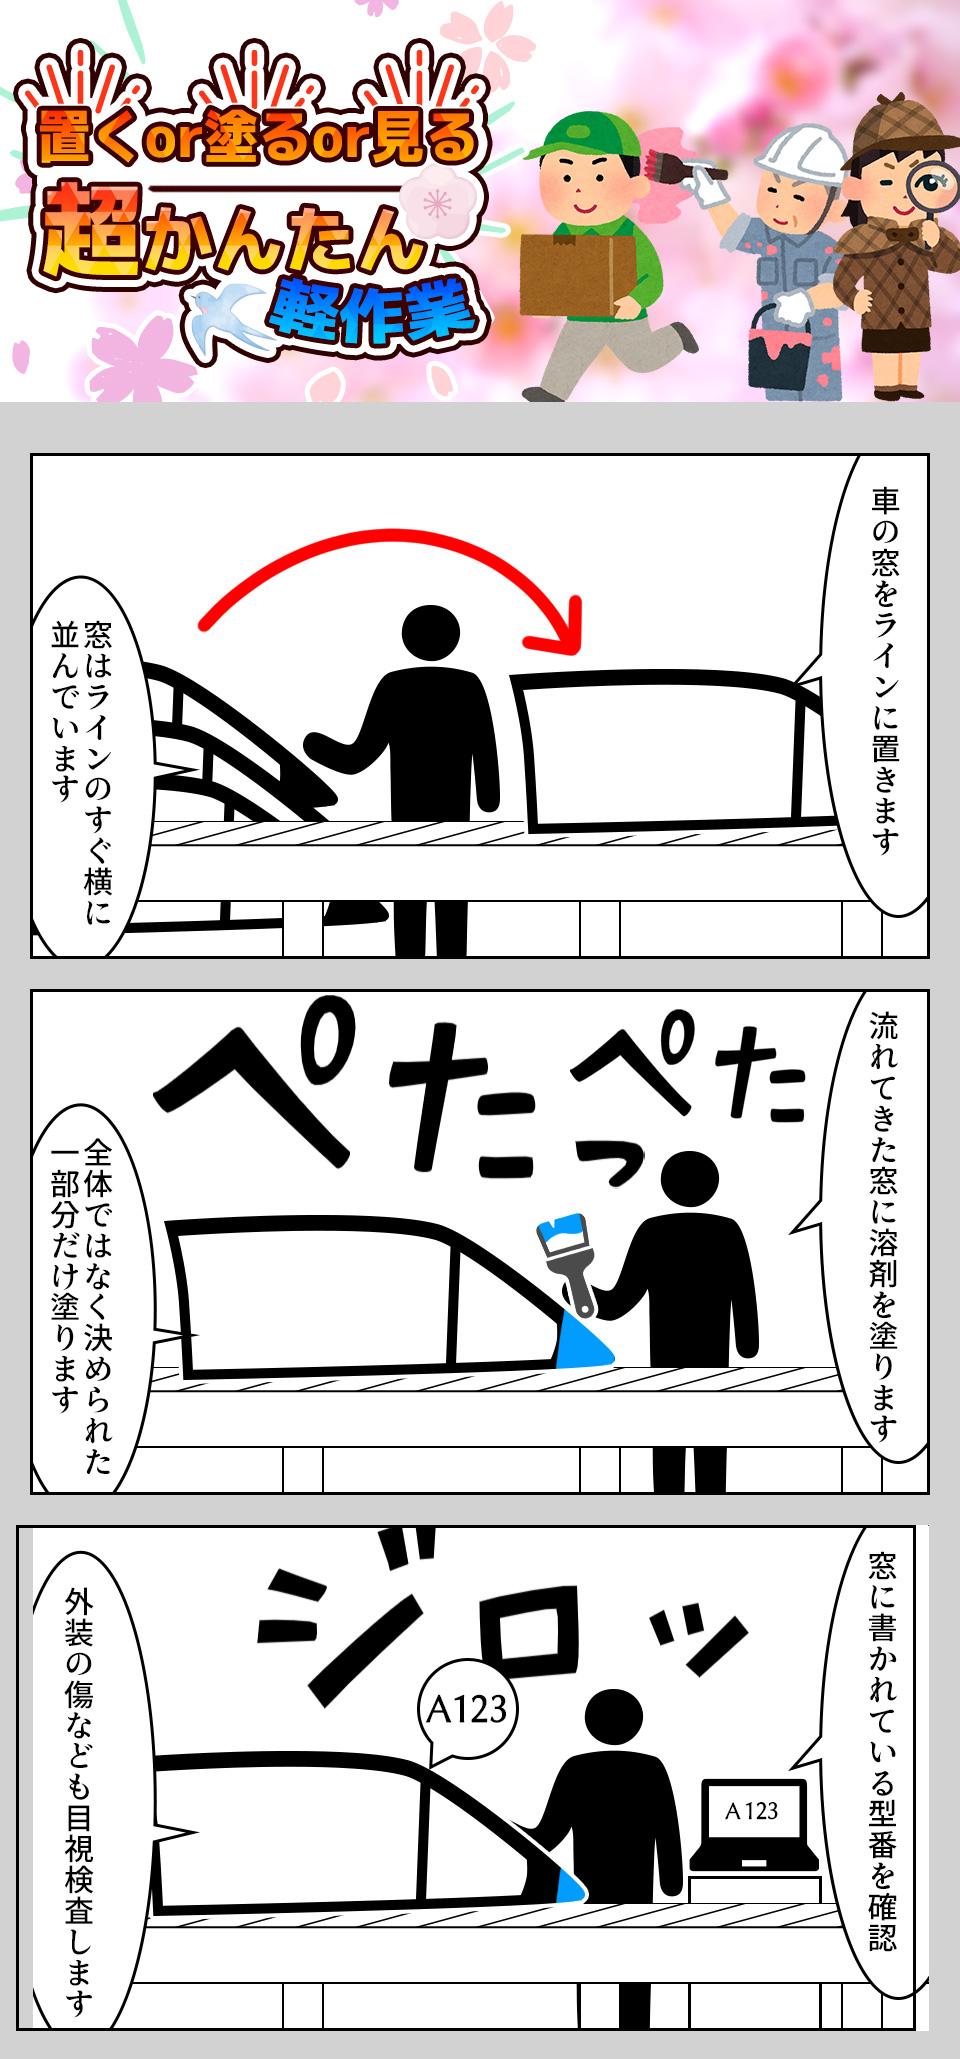 加工・軽作業 愛知県豊田市の派遣社員求人